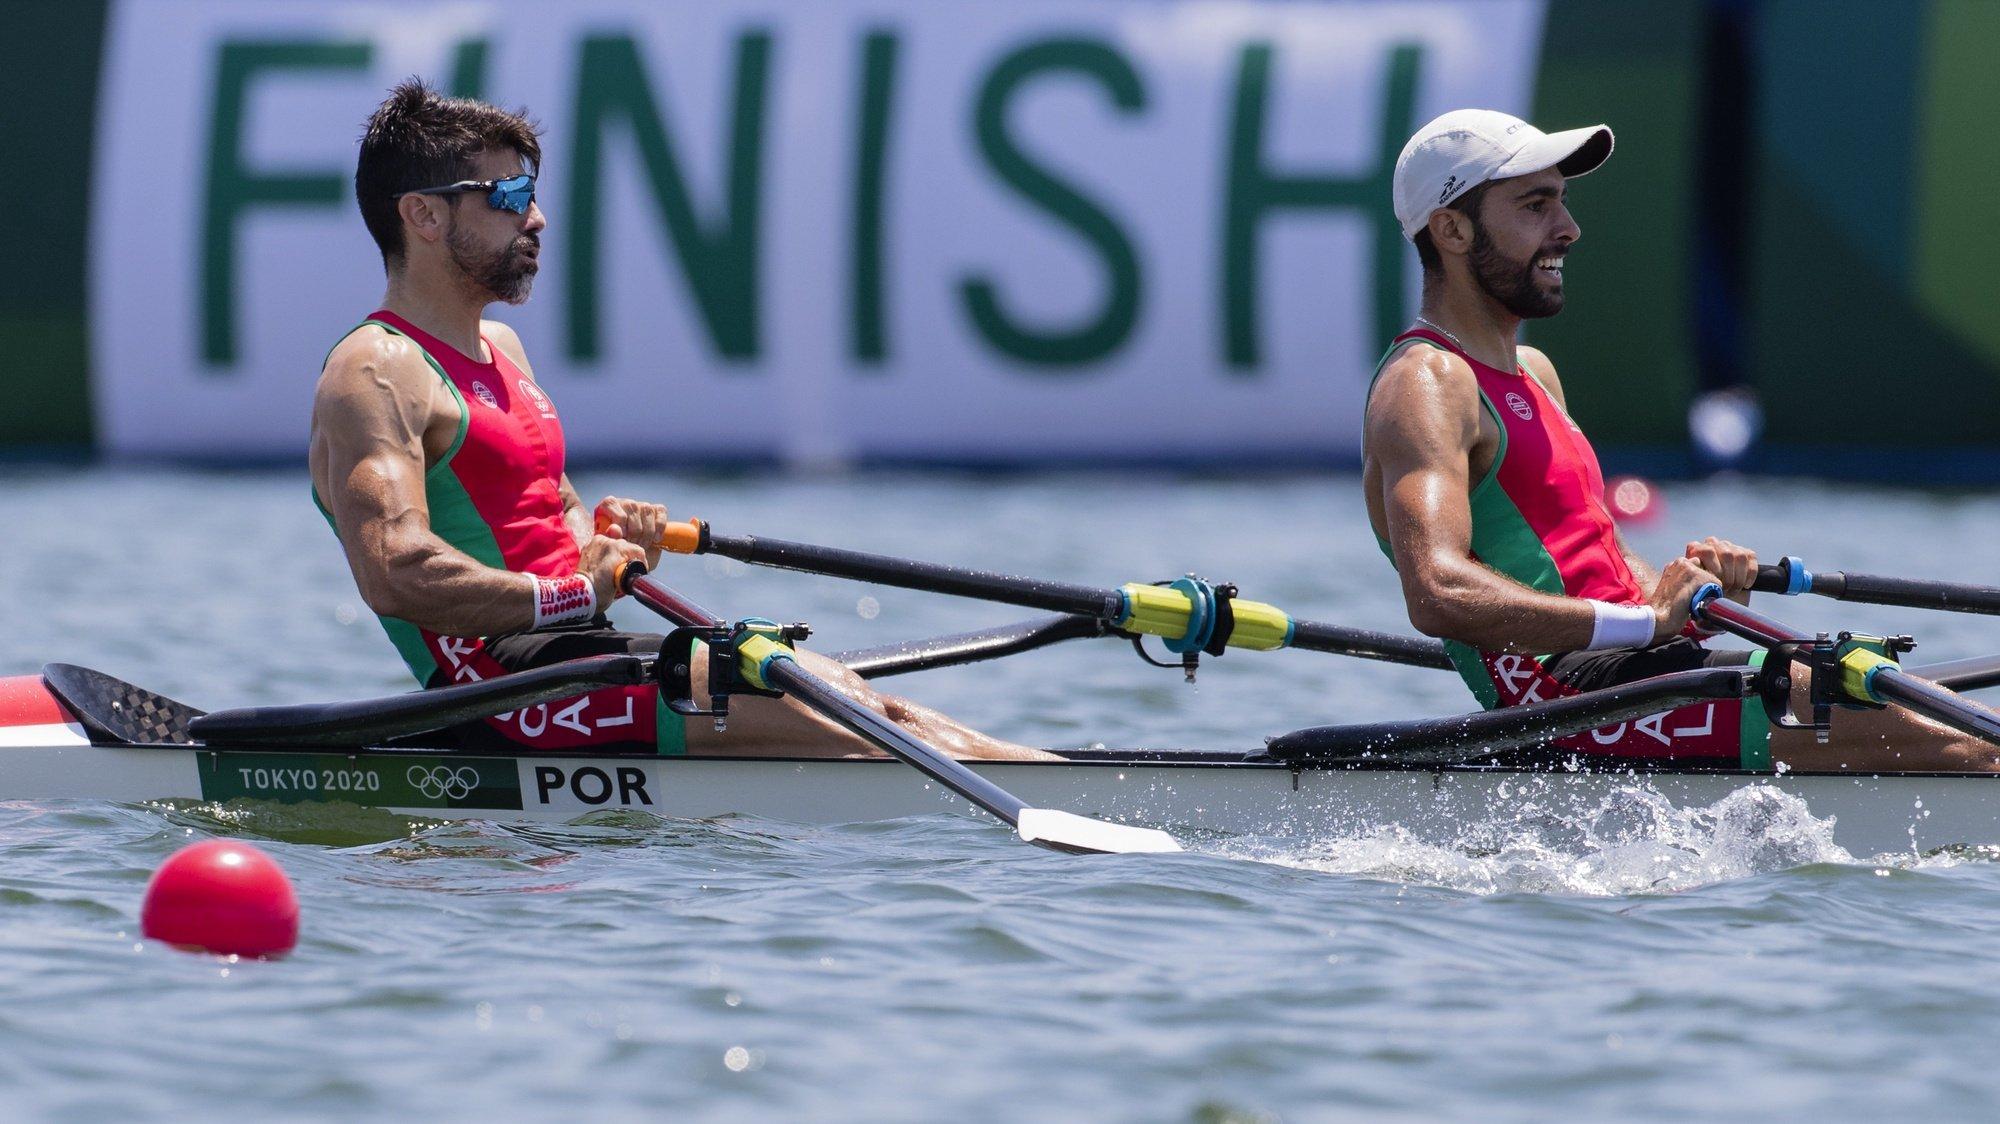 Os remadores portugueses Pedro Fraga (E) e Afonso Costa em ação durante a prova dos 2000 metros do double-scull ligeiro dos Jogos Olímpicos Tóquio2020, Japão, 29 de julho de 2021. JOSÉ COELHO/LUSA